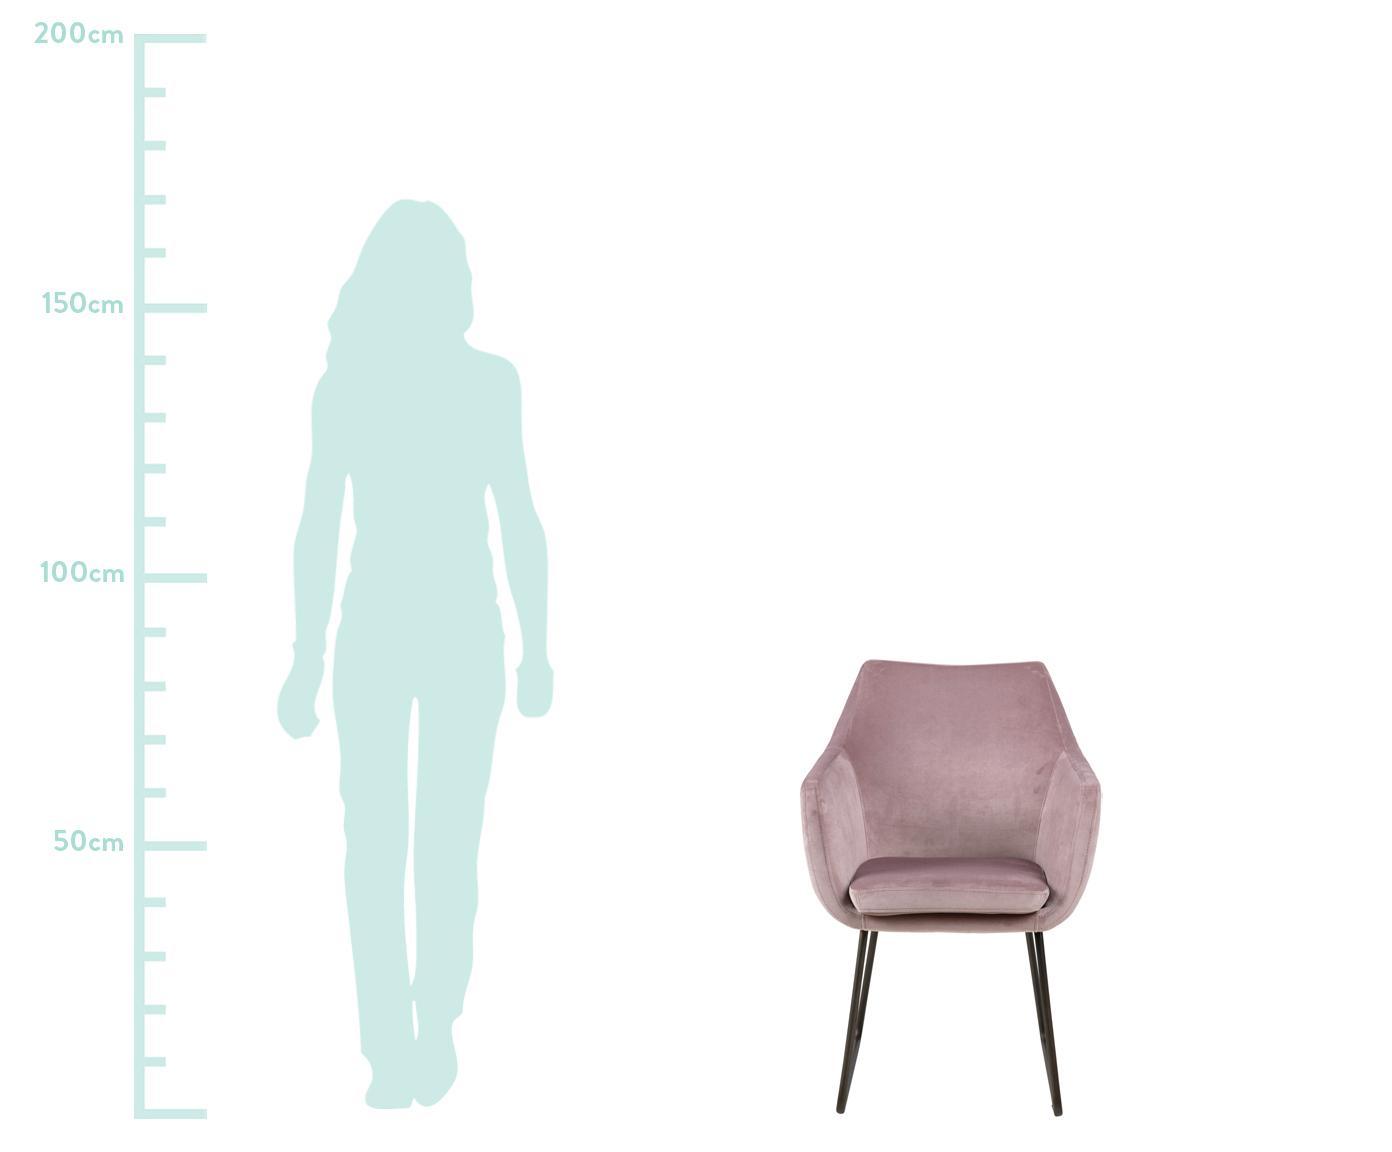 Samt-Polsterstuhl Nora mit Metallbeinen, Bezug: Polyestersamt 25.000 Sche, Beine: Metall, lackiert, Rosa, B 58 x T 58 cm